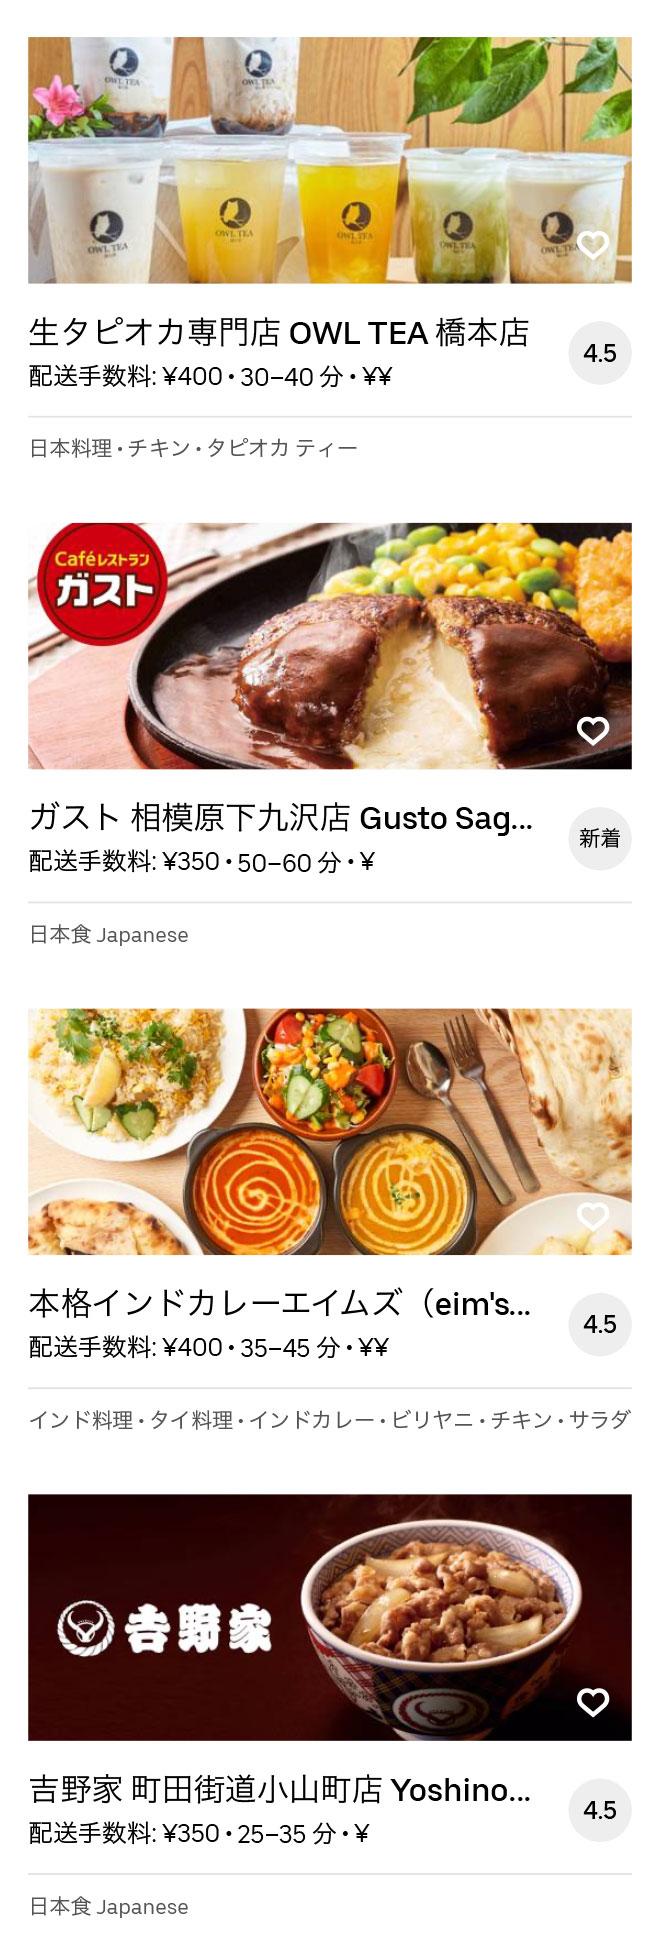 Sagamihara menu 2008 06